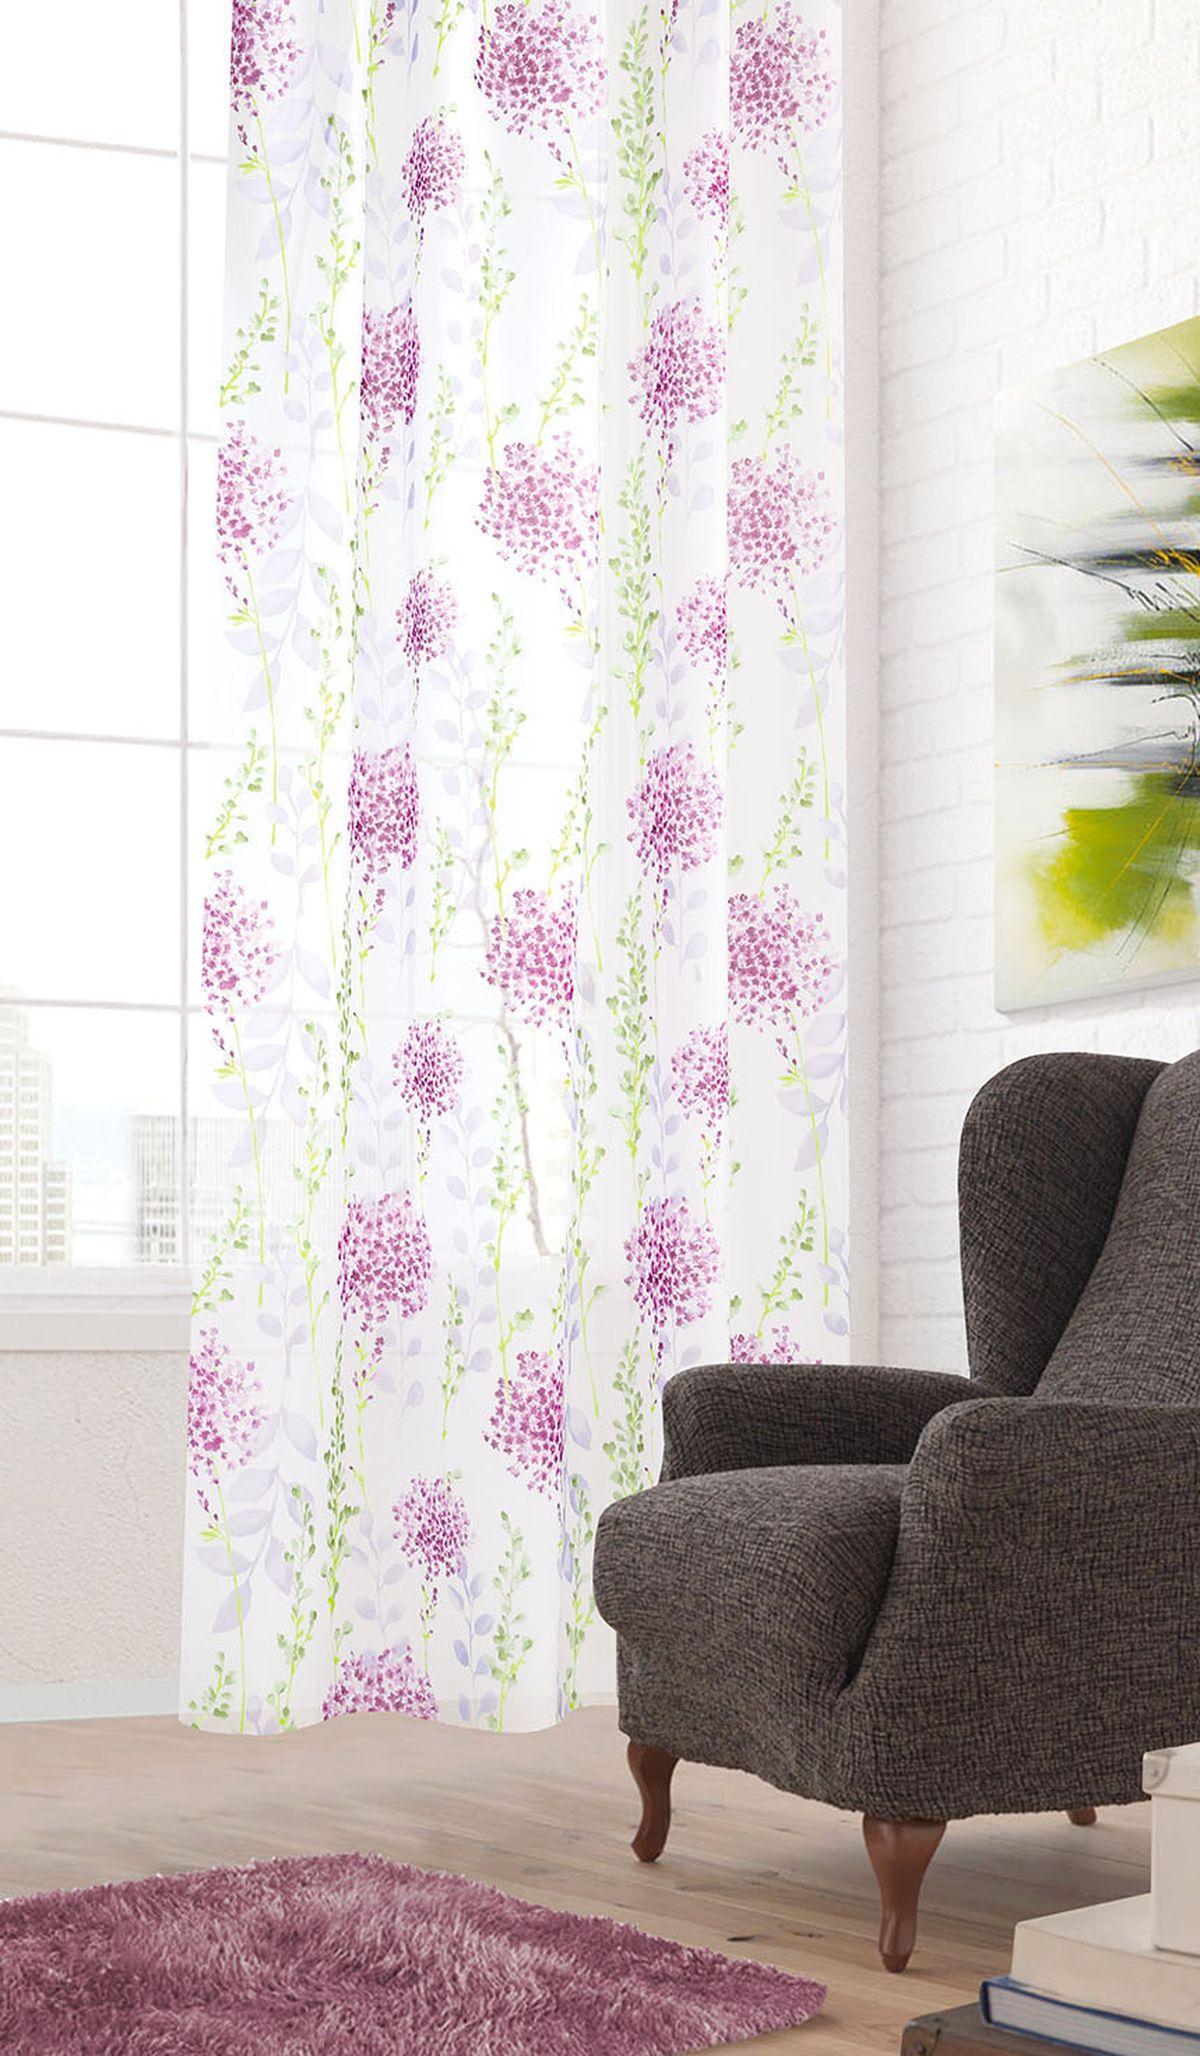 Штора готовая Garden, на ленте, цвет: белый, 300х260 см. С 5395 - W356 V33С 5395 - W356 V33Тюлевая штора для гостиной Garden выполнена из легкой ткани, станет великолепным украшением любого окна. Воздушная ткань с оригинальным рисунком создаст неповторимую атмосферу в вашем доме. Штора крепится на карниз при помощи ленты, которая поможет красиво и равномерно задрапировать верх.